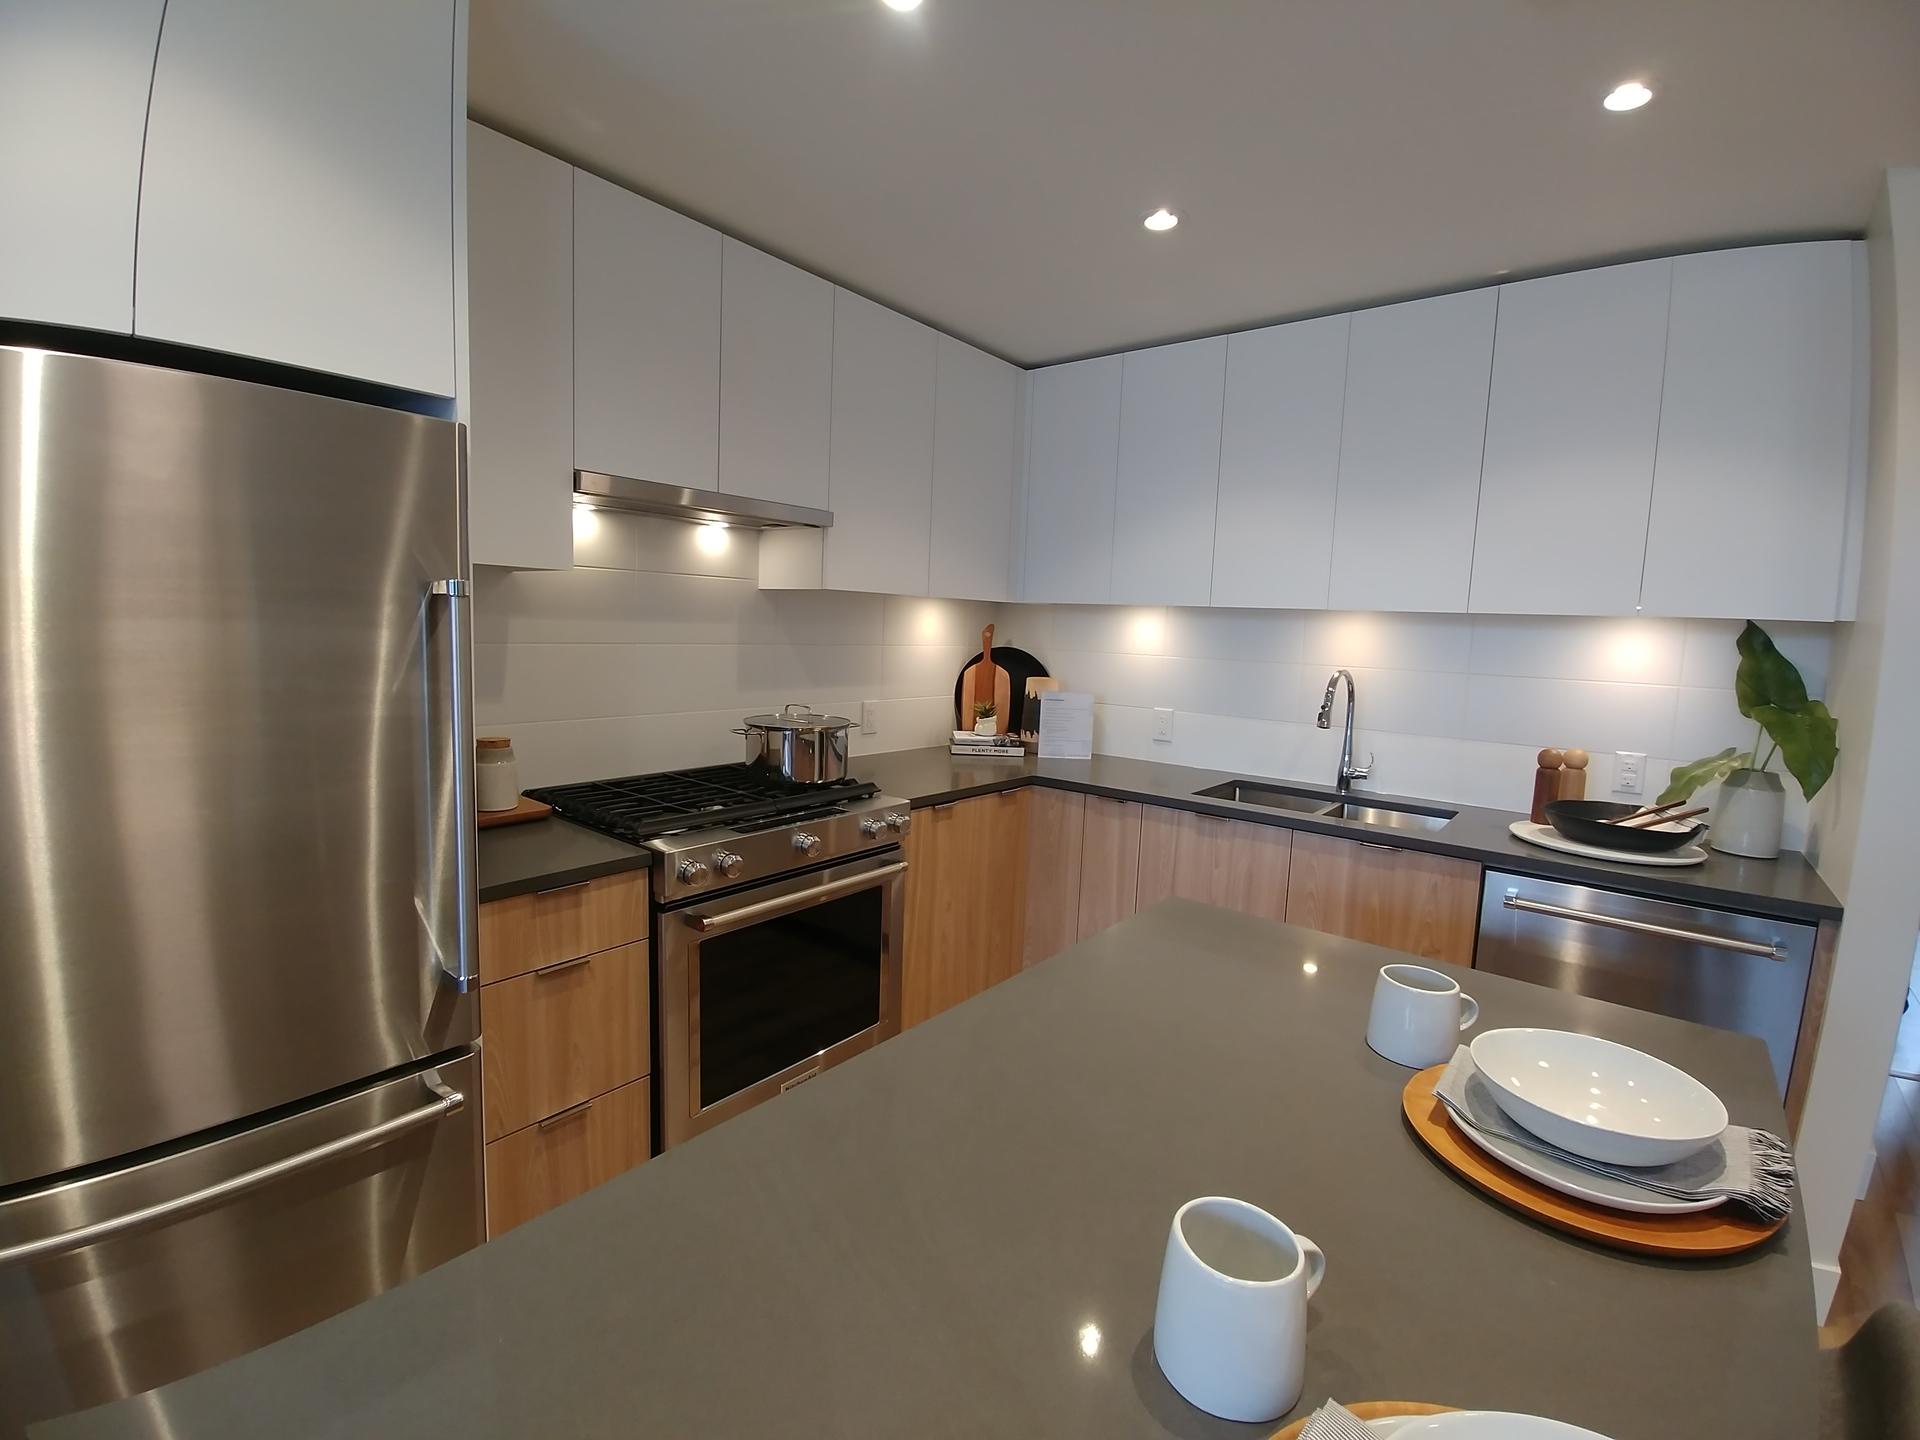 paradigm-light-colour-scheme-kitchen at Paradigm ( River District, South Marine, Vancouver East)